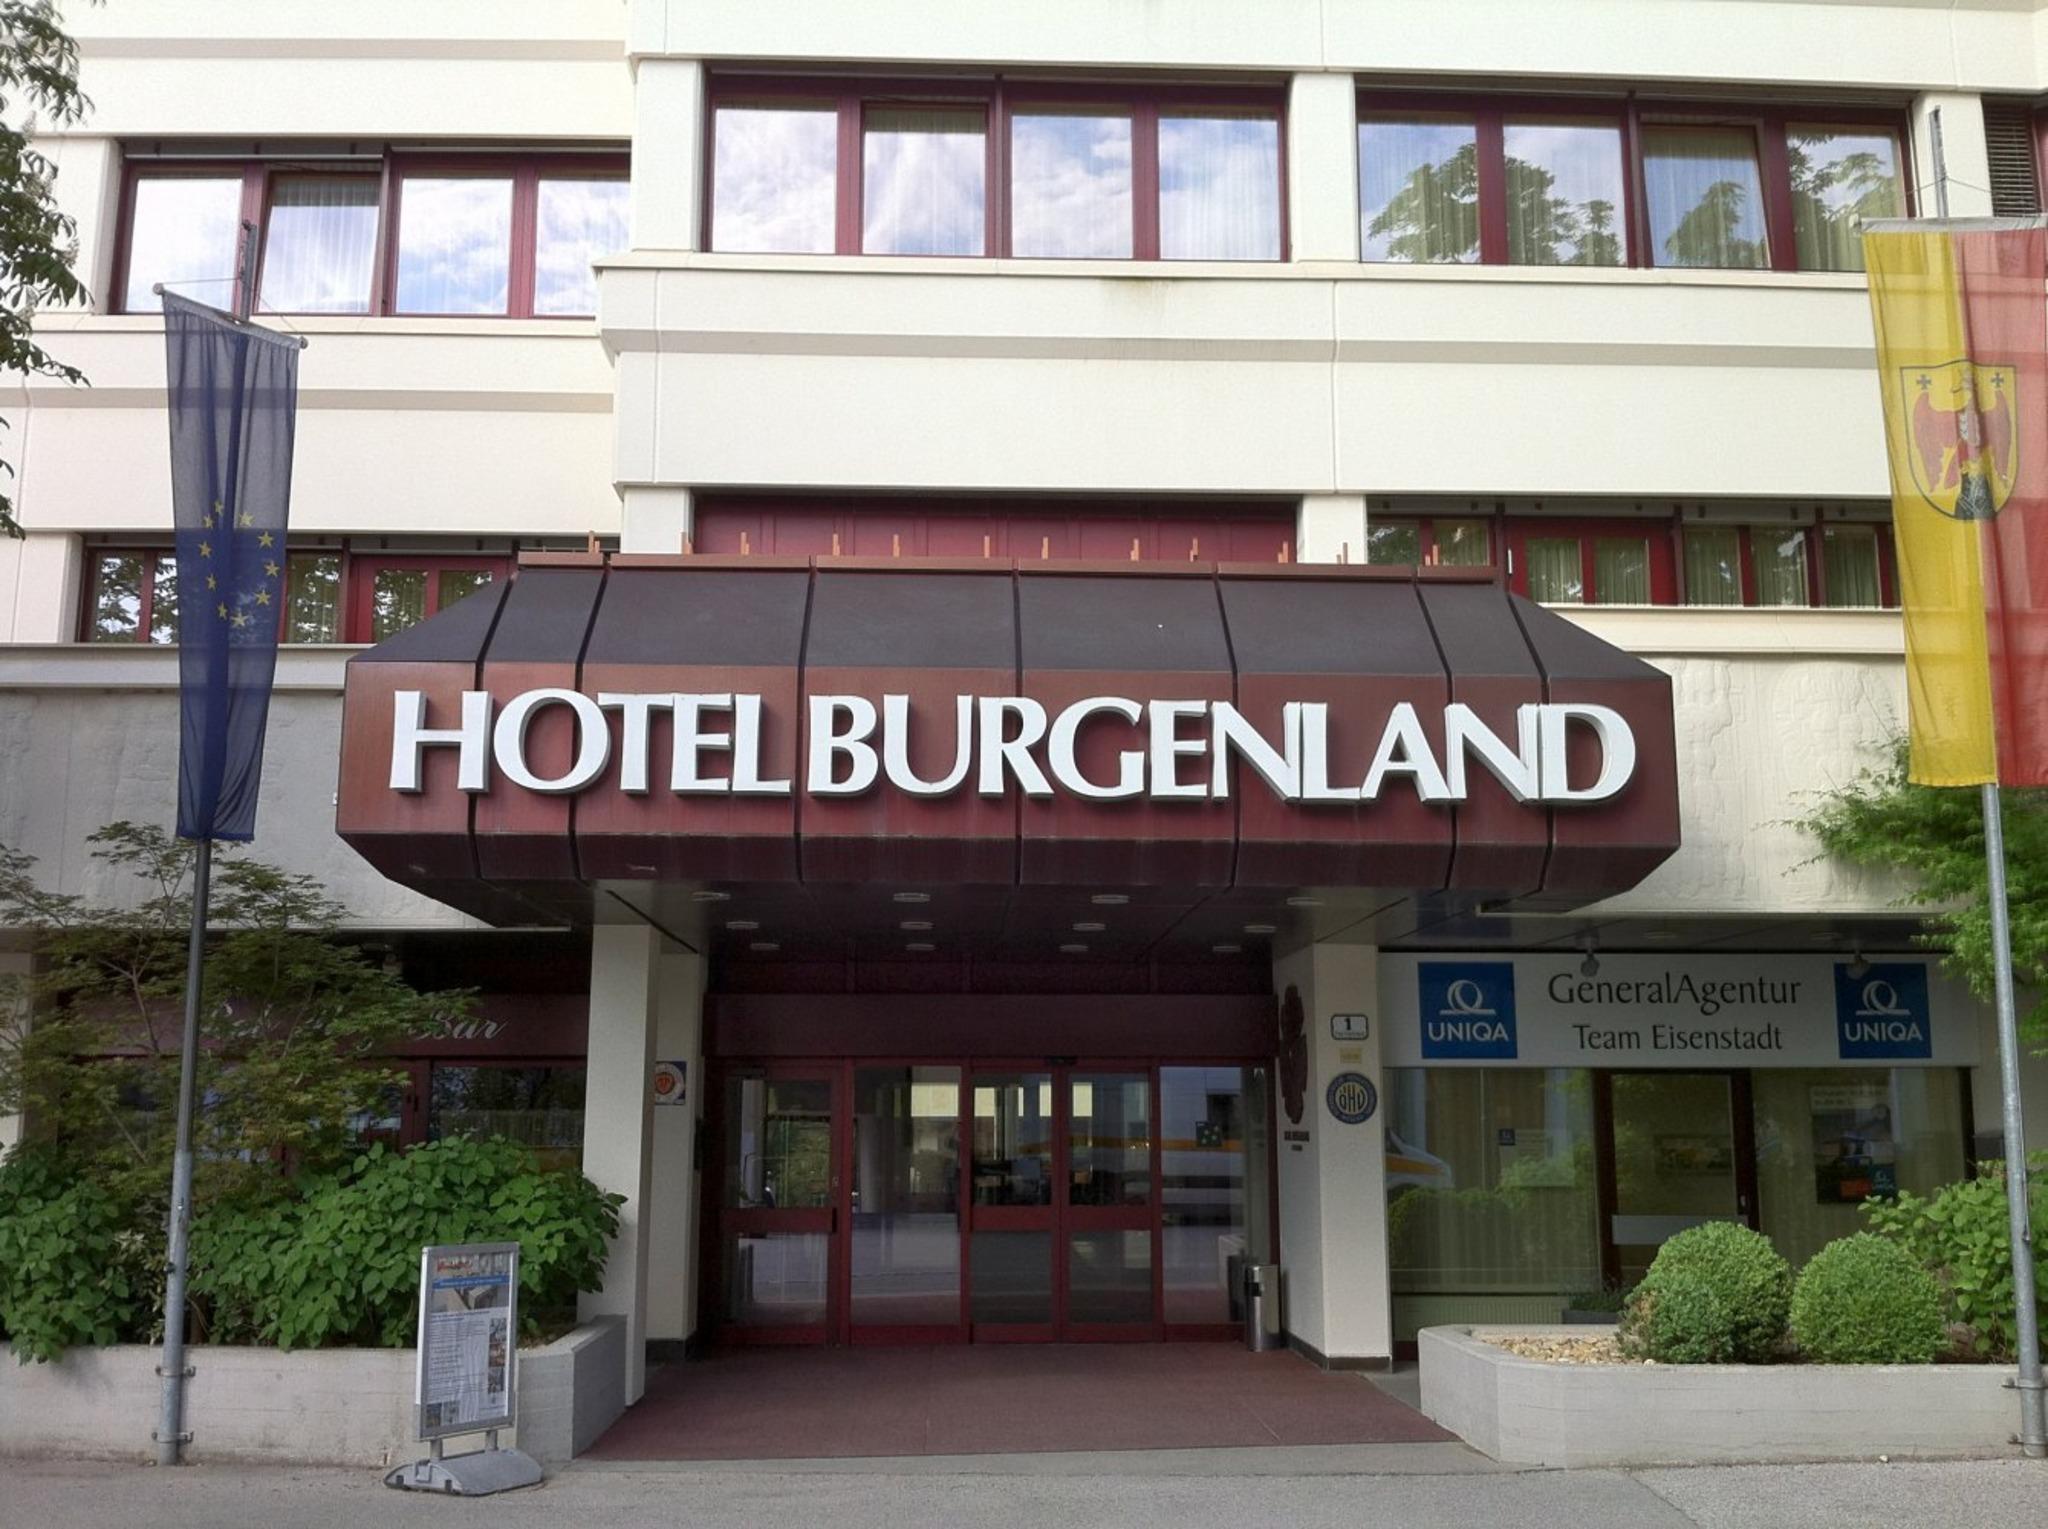 Casino Burgenland Gmbh